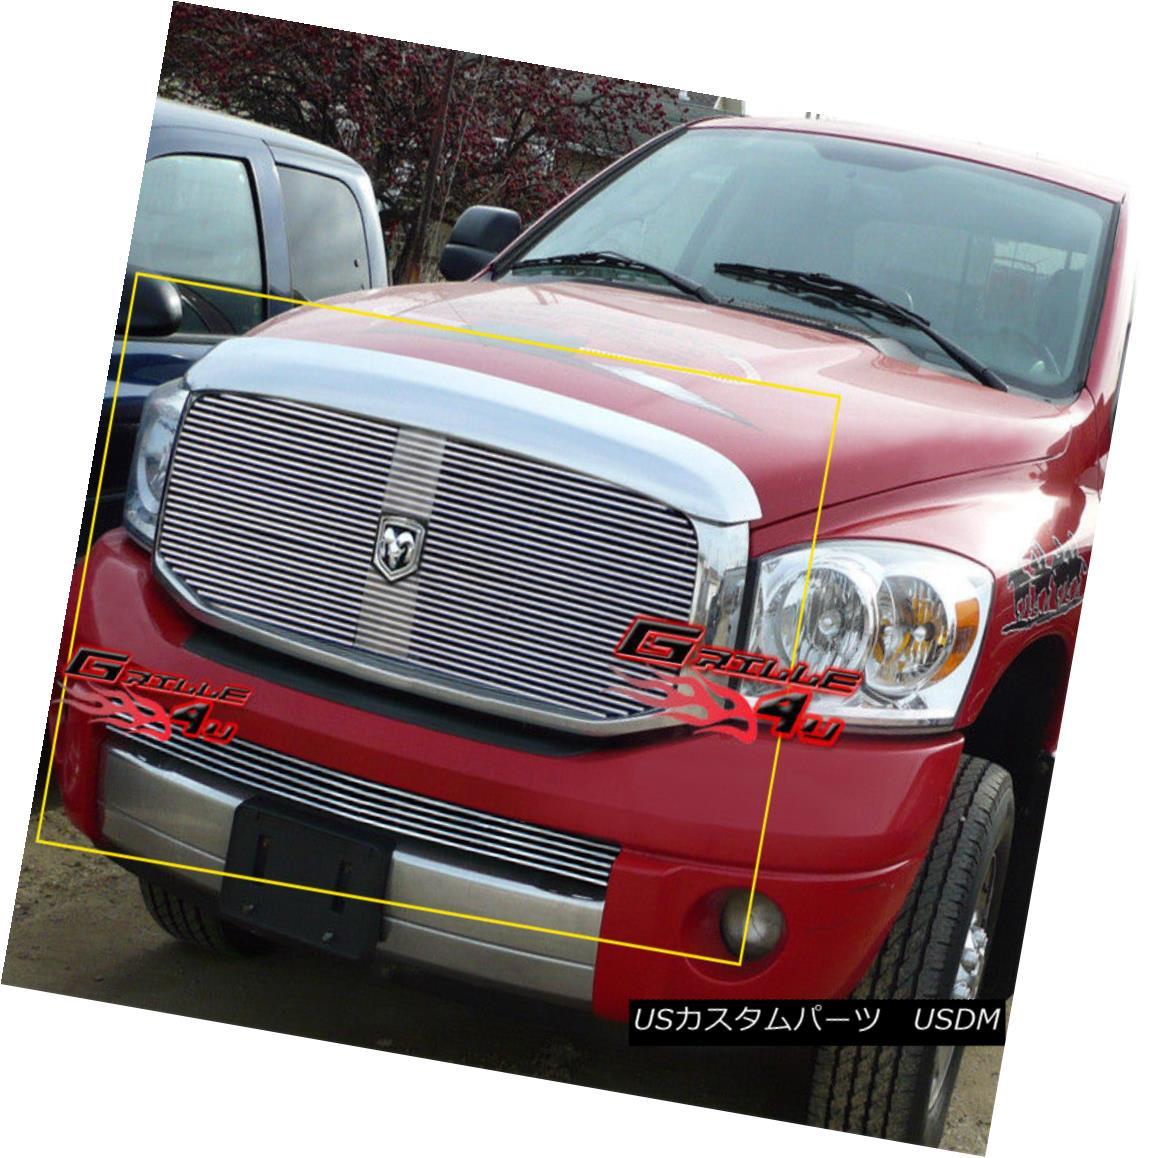 グリル For 06-08 Dodge Ram Sport Pickup Billet Grille Combo Insert 06-08ダッジラムスポーツピックアップビレットグリルコンボインサート